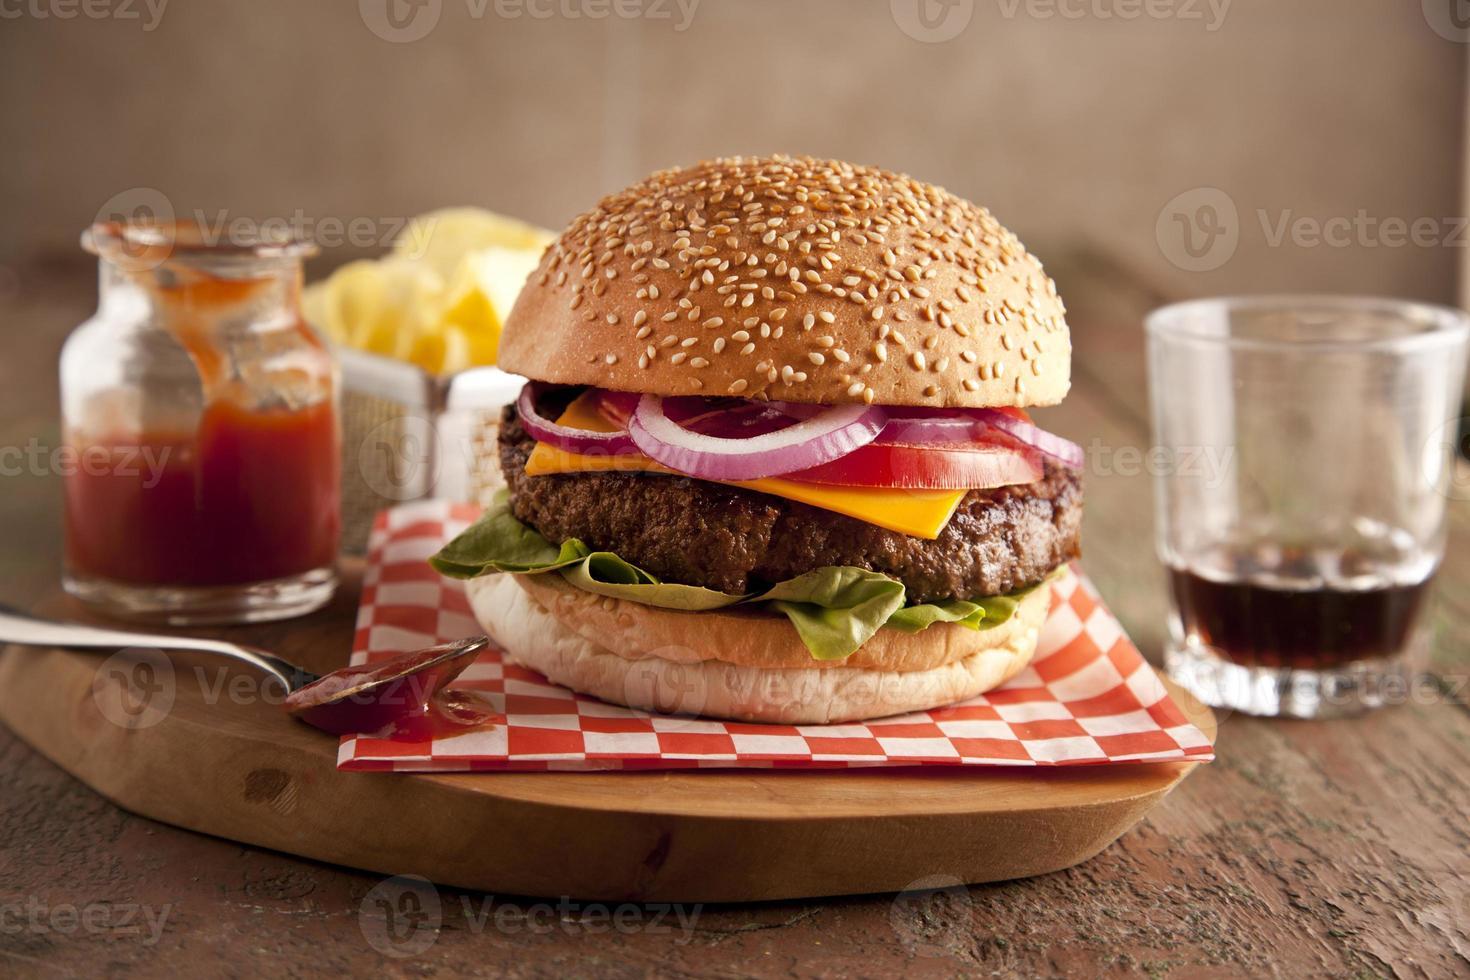 klassischer Cheeseburger mit Zwiebeln, Tomaten und Gurken Sesambrötchen. foto